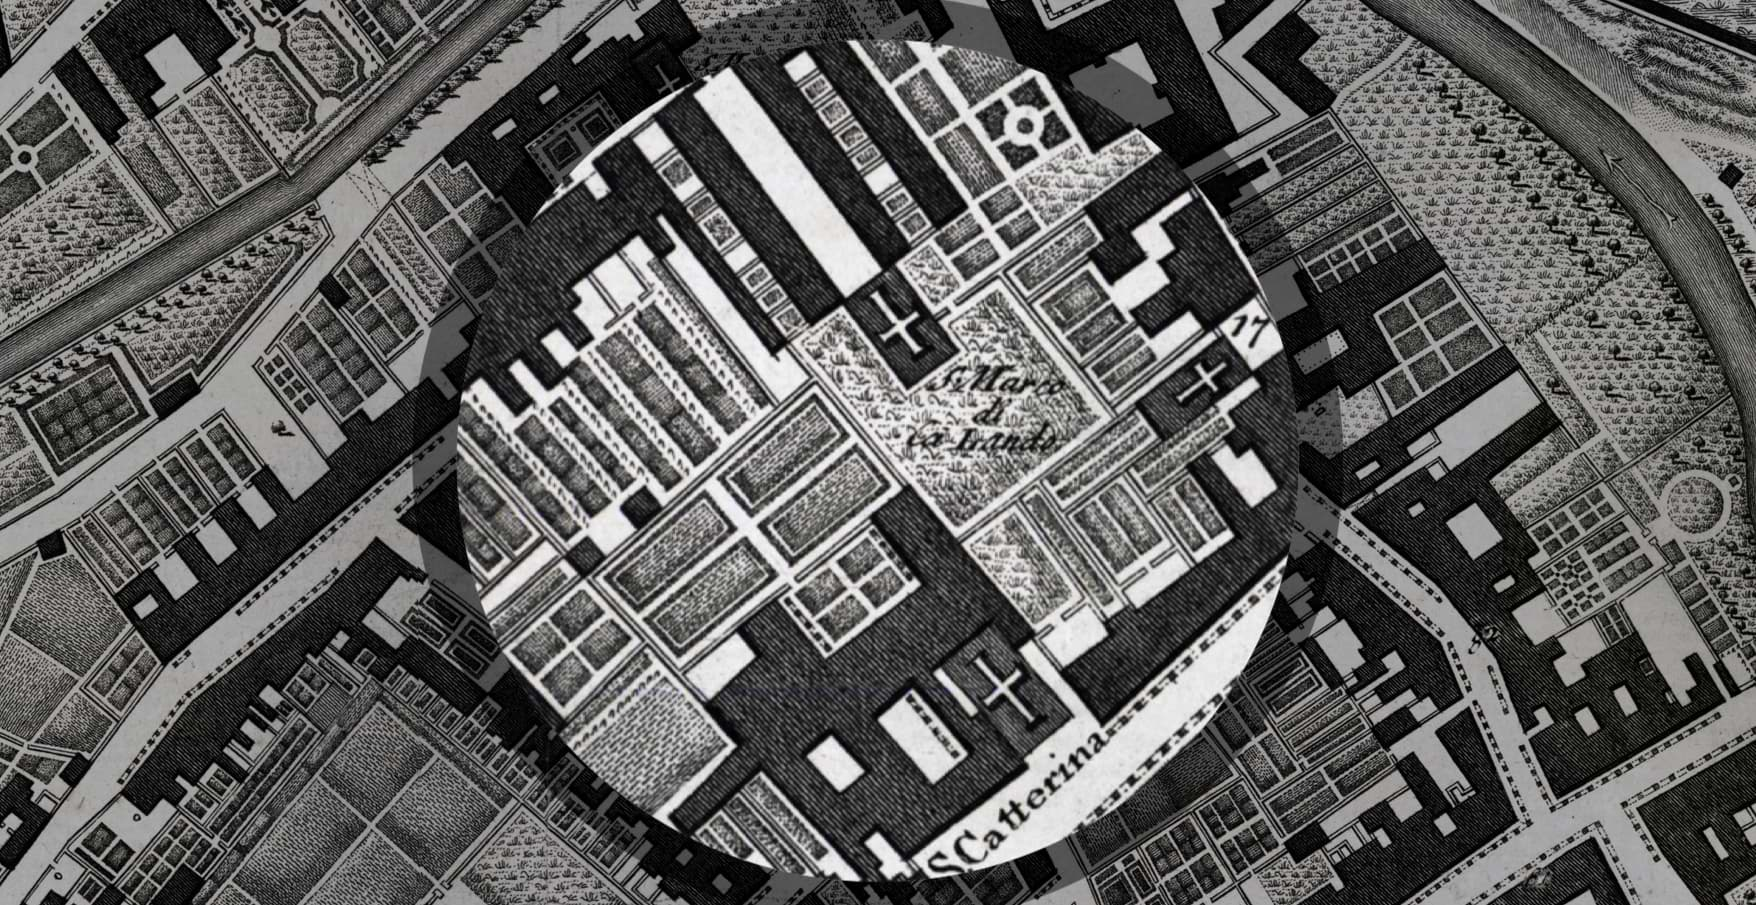 Ca' Lando - Il complesso di Santa Caterina